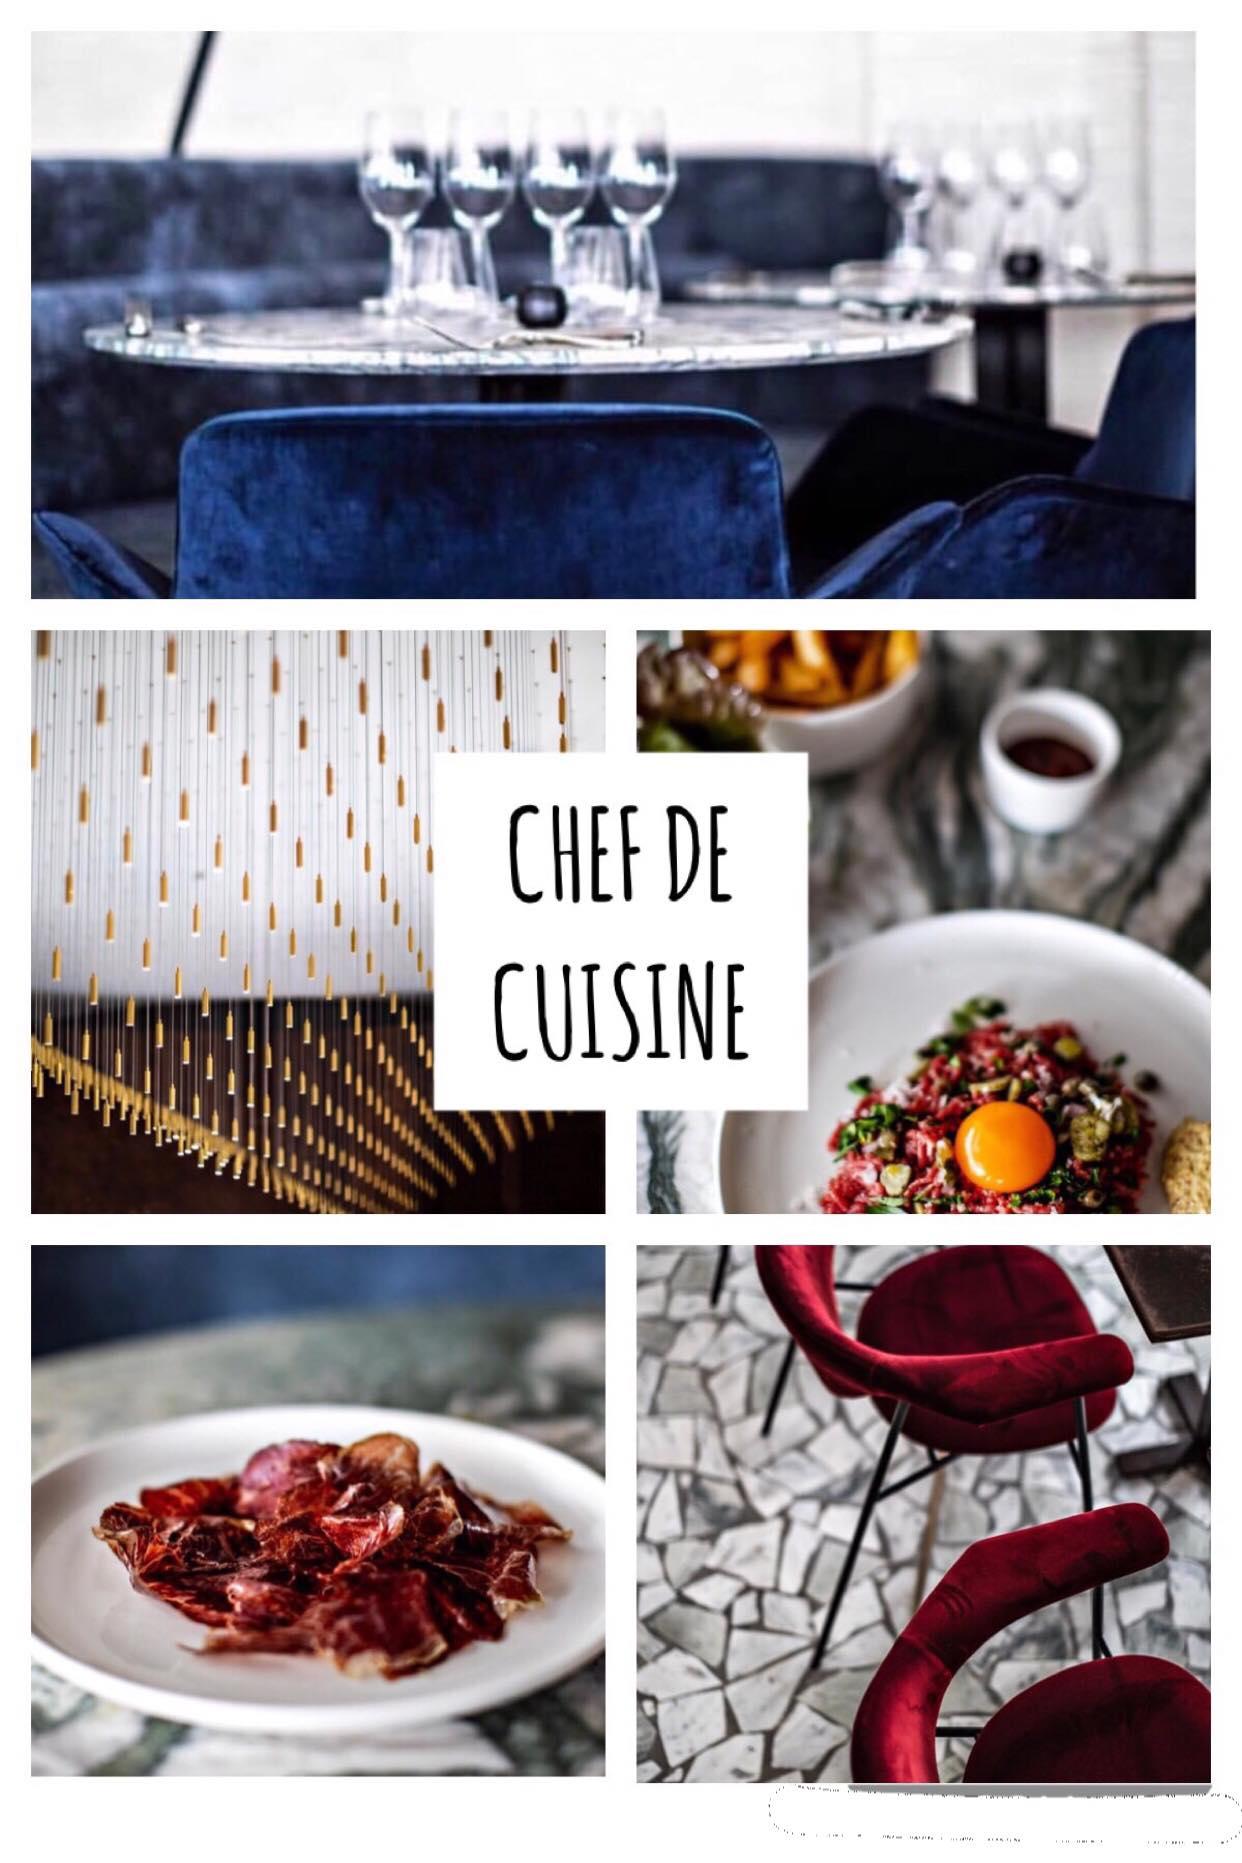 Chef de cuisine rhea recrutement for Offre d emploi commis de cuisine paris